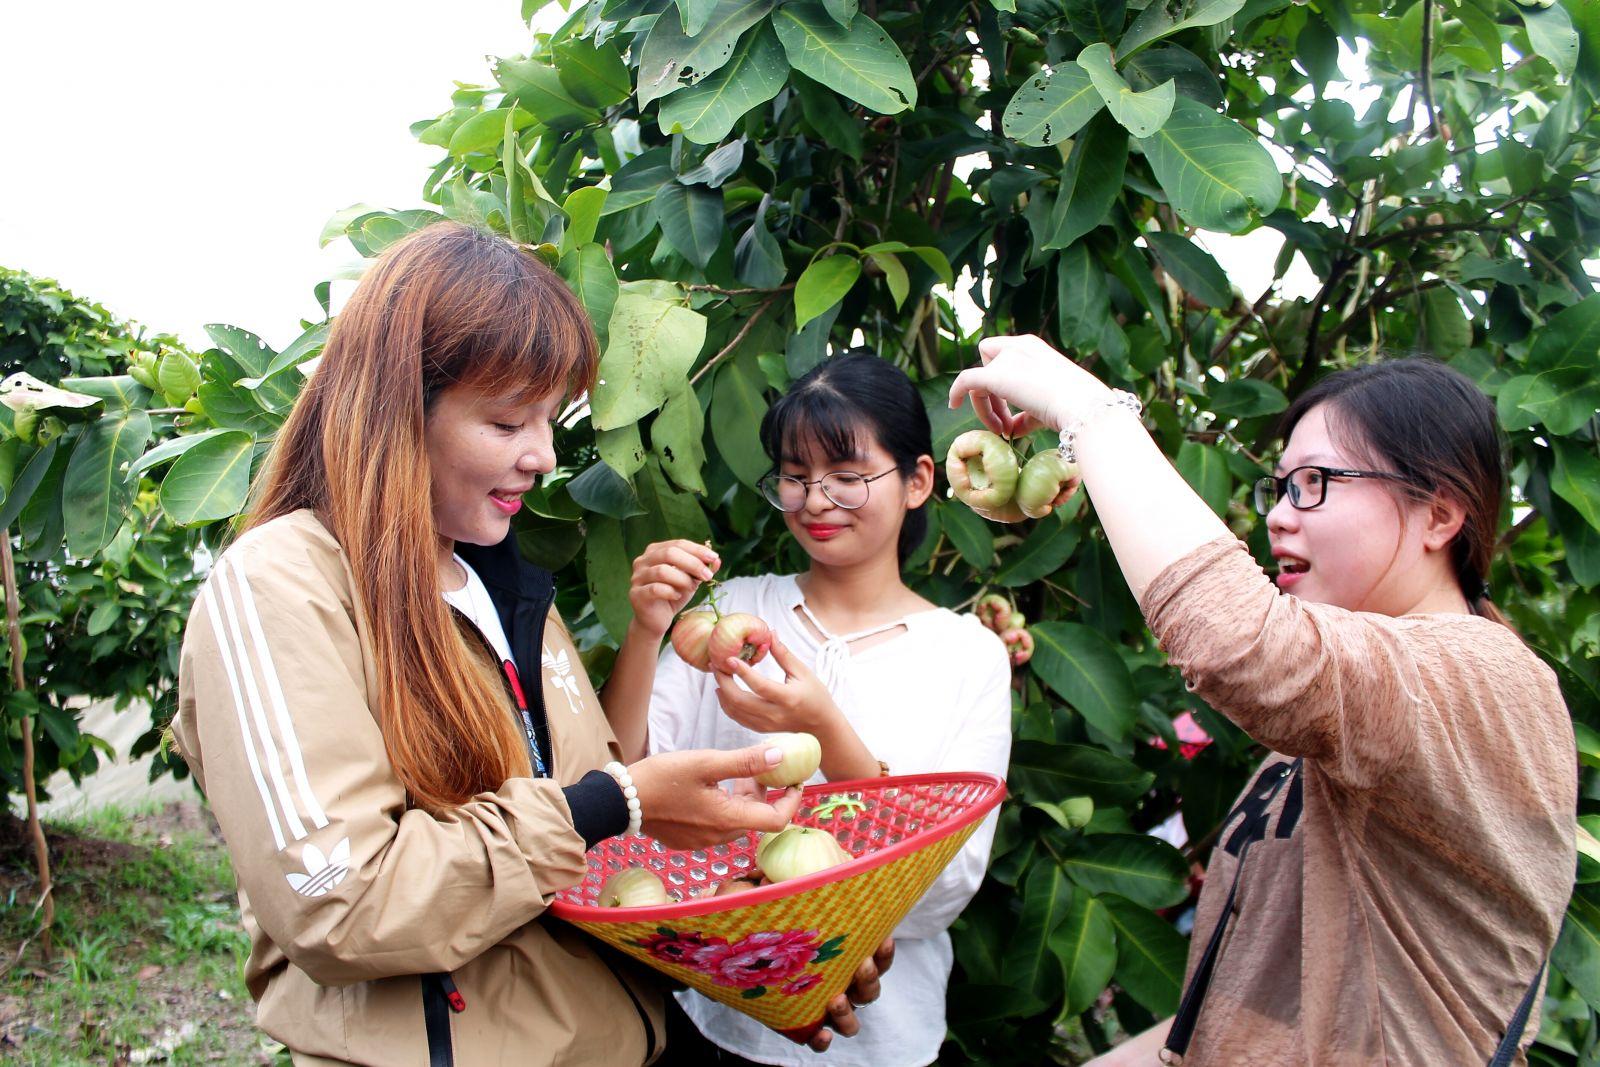 Khách trực tiếp hái trái cây và thưởng thức tại vườn.